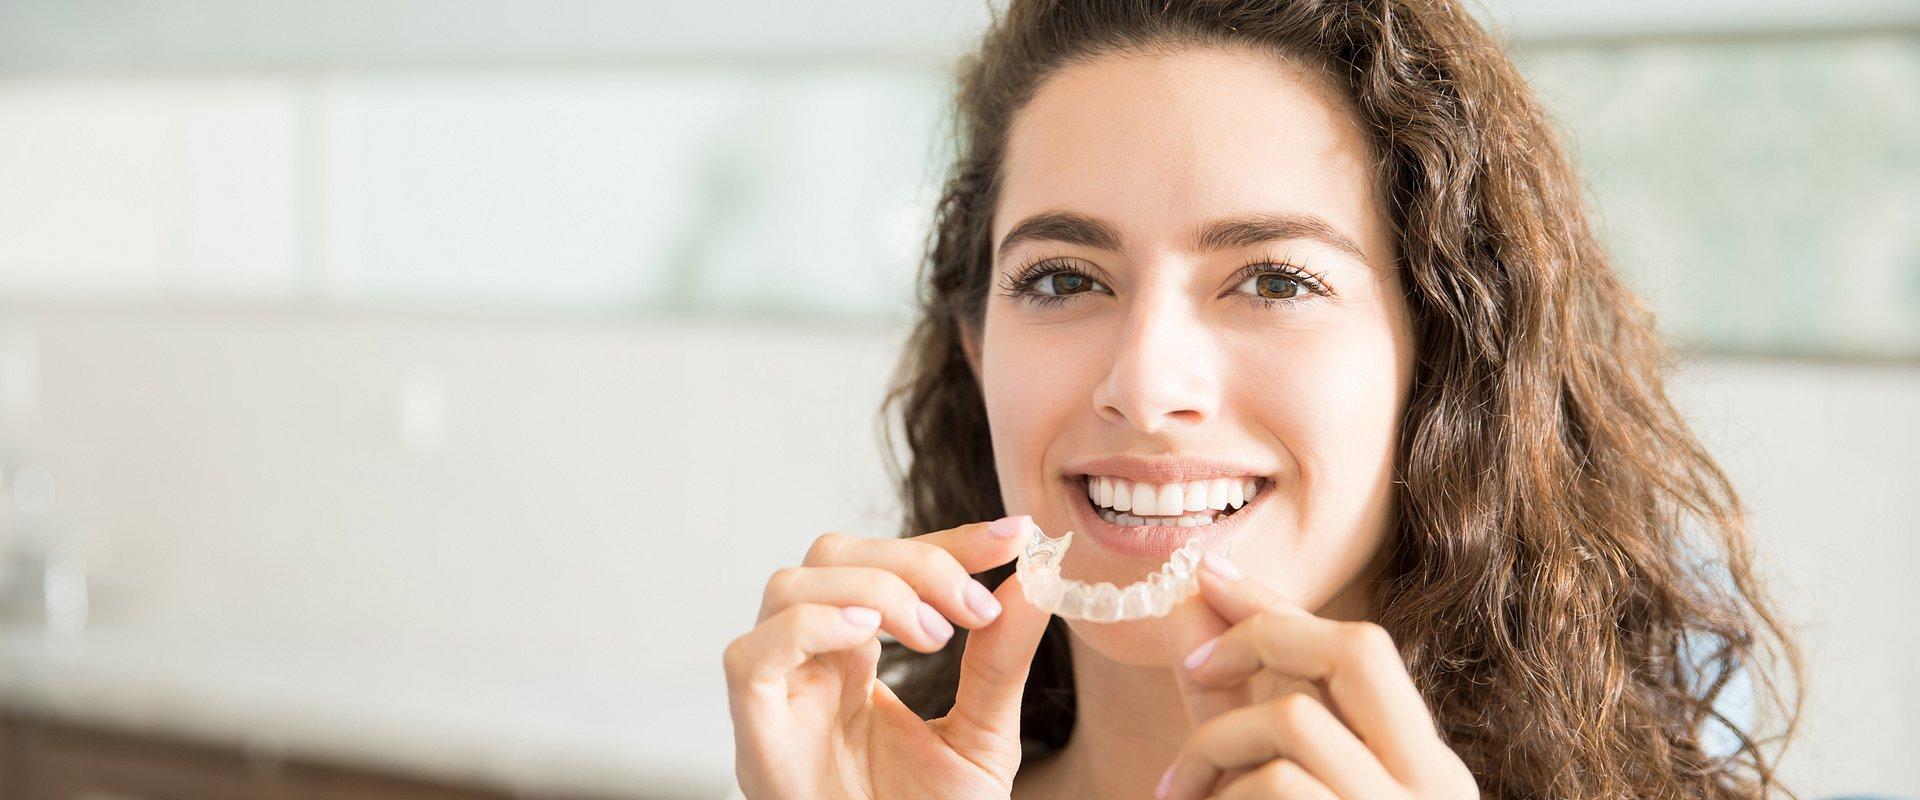 Aparat ortodontyczny – zrób to... dyskretnie